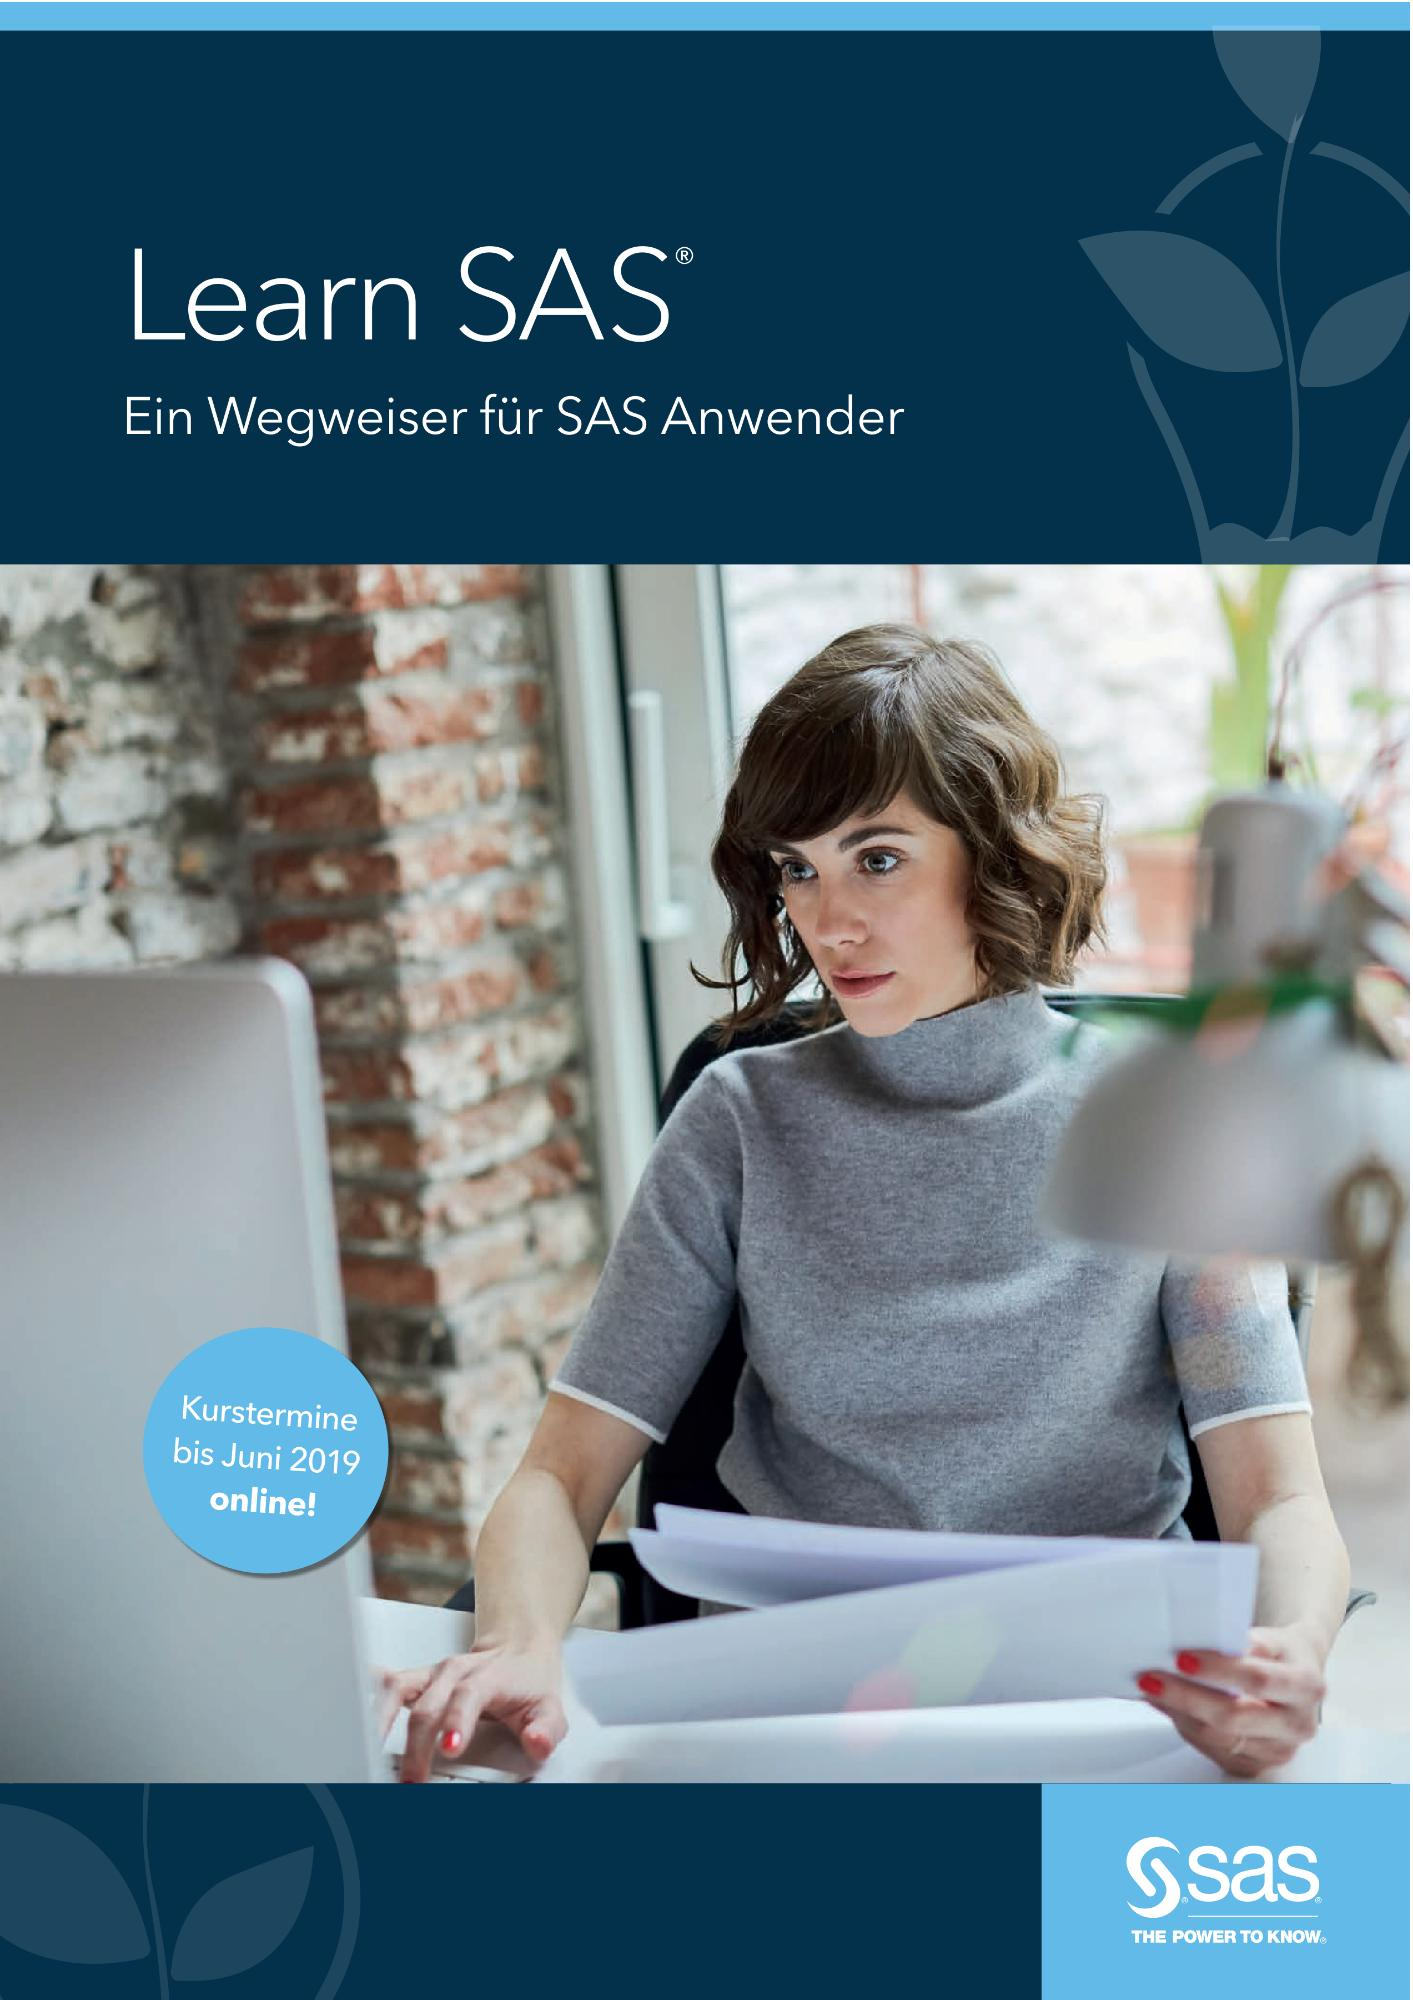 Learn SAS - Ein Wegweiser für SAS Anwender